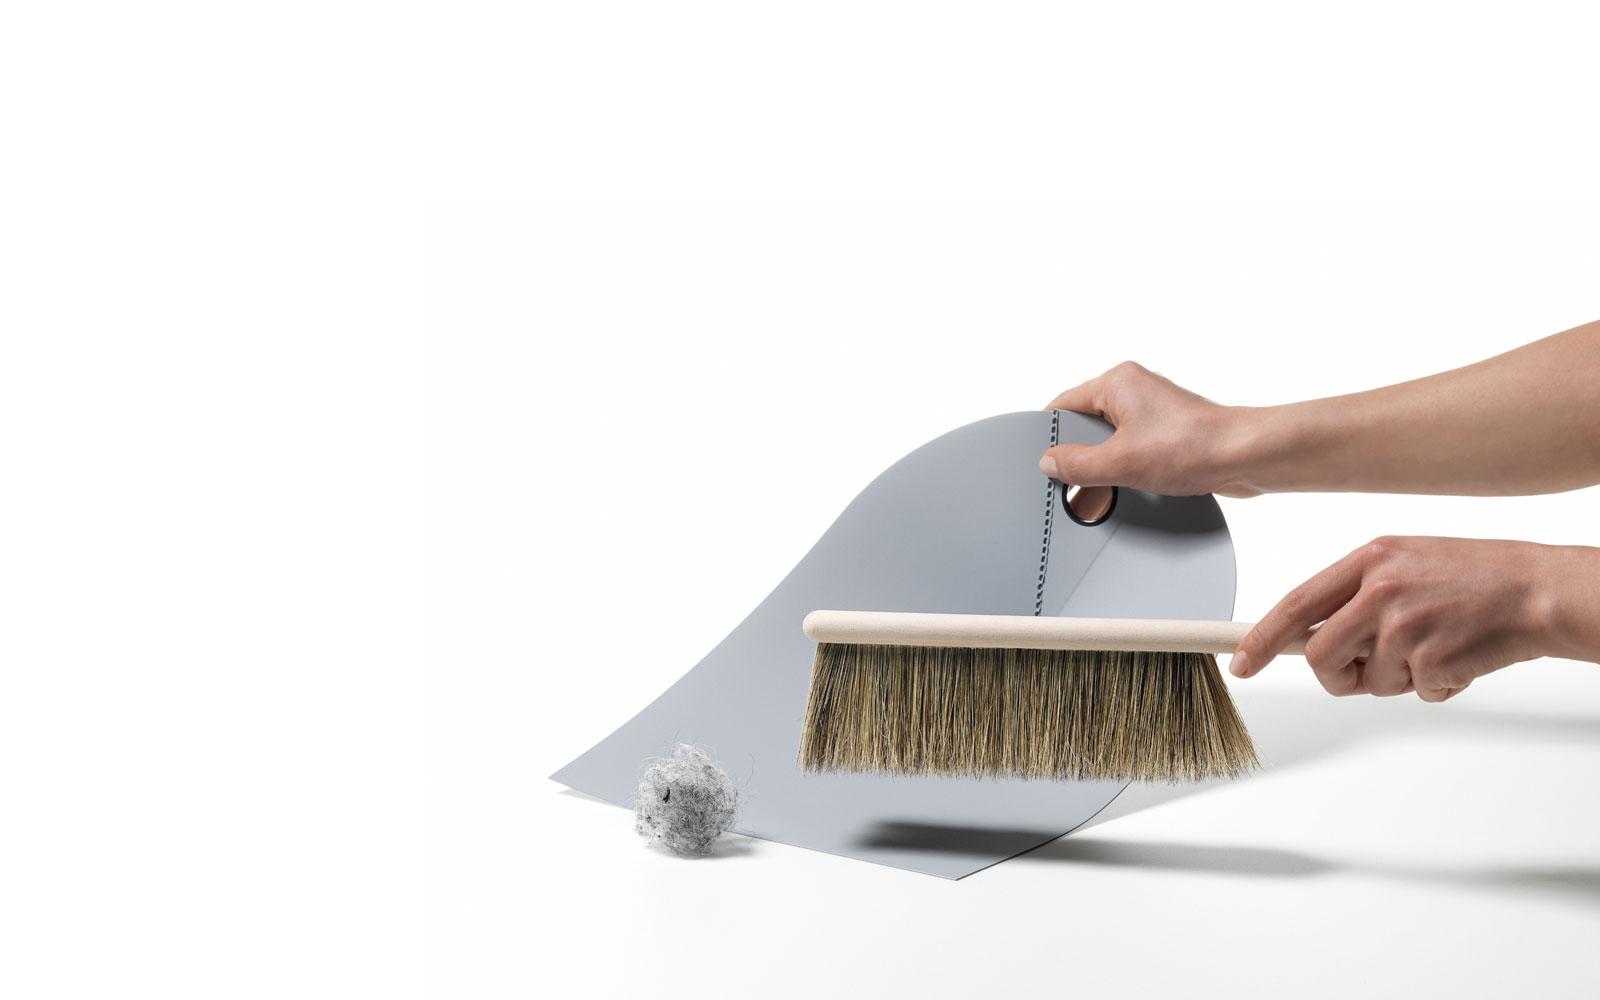 dustpan u0026 broom